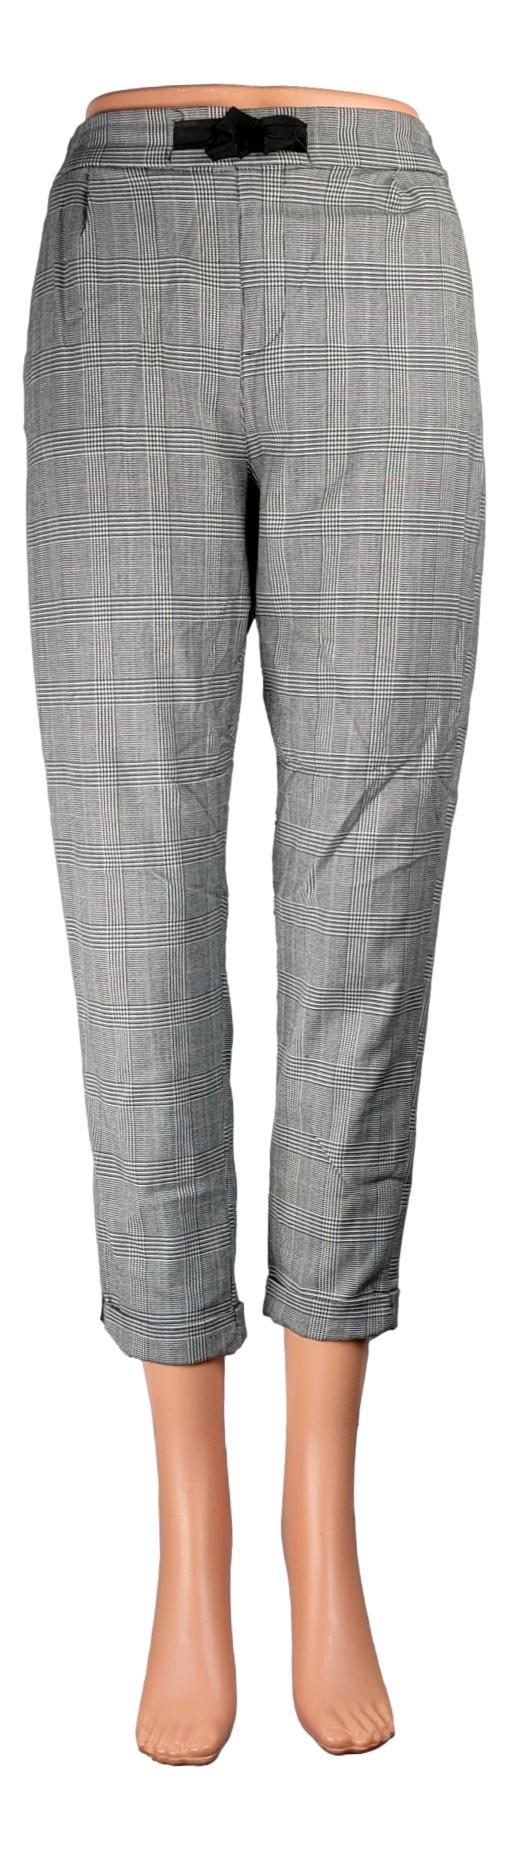 Pantalon H&M -Taille 12-13 ans